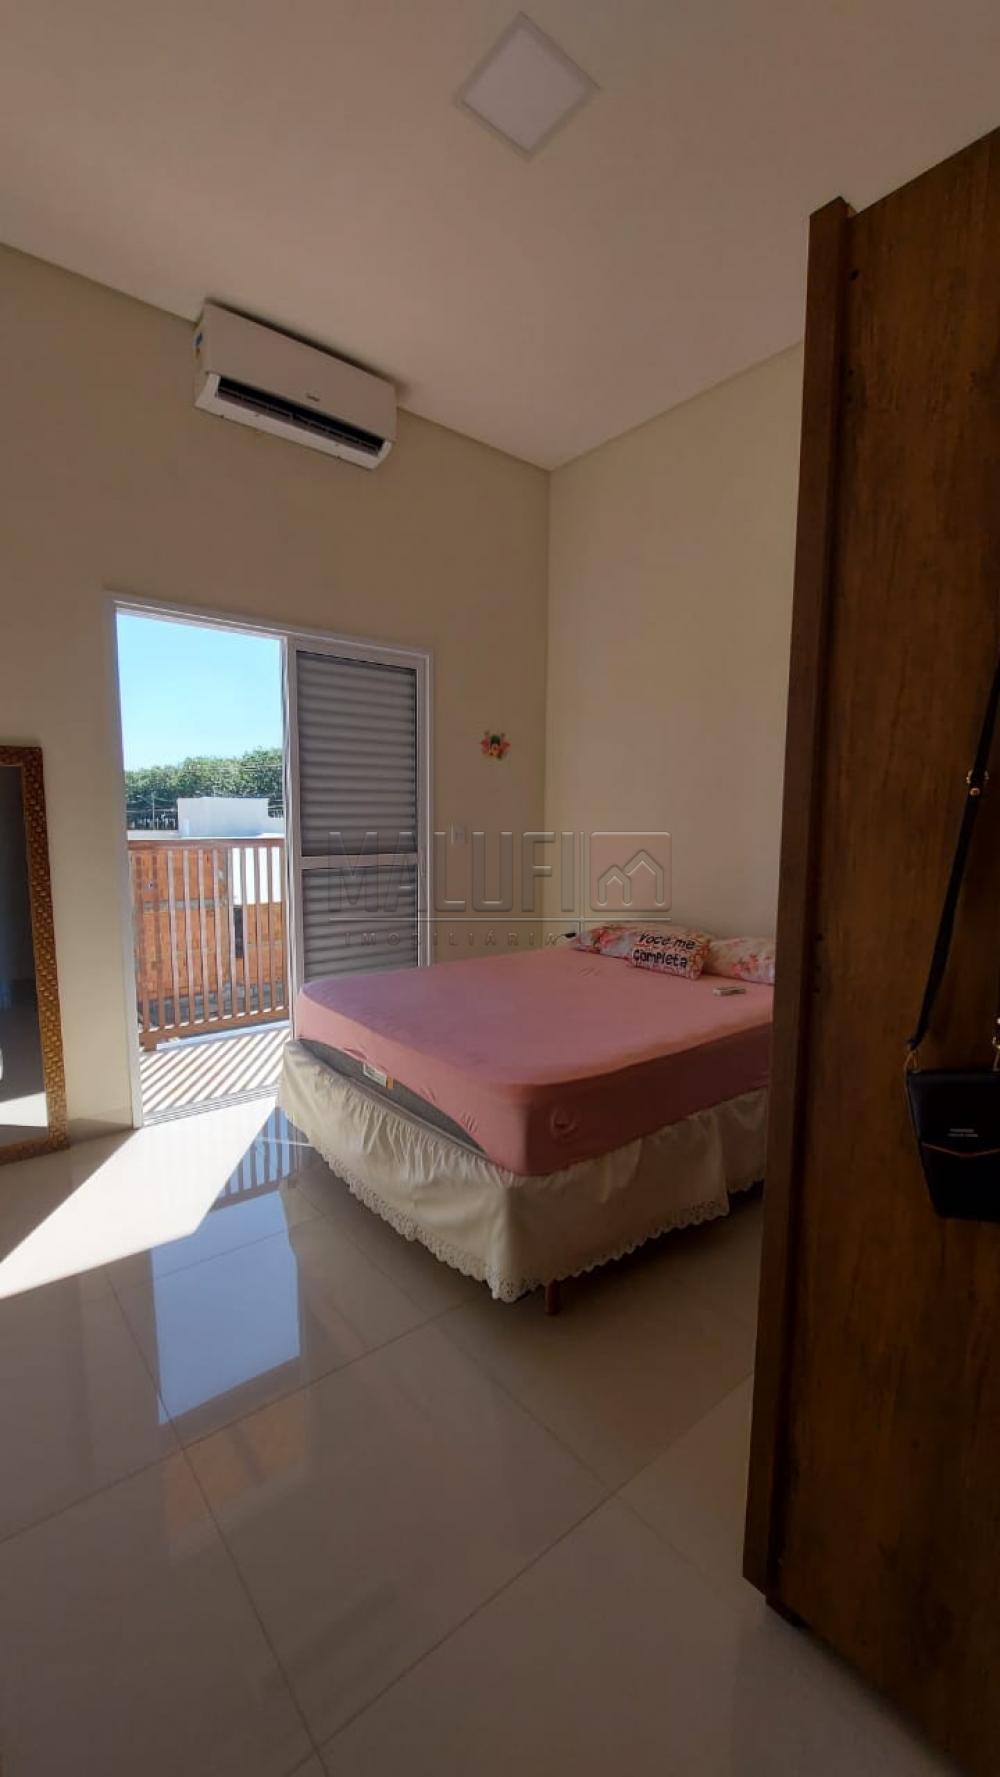 Comprar Casas / Padrão em Olímpia R$ 850.000,00 - Foto 32